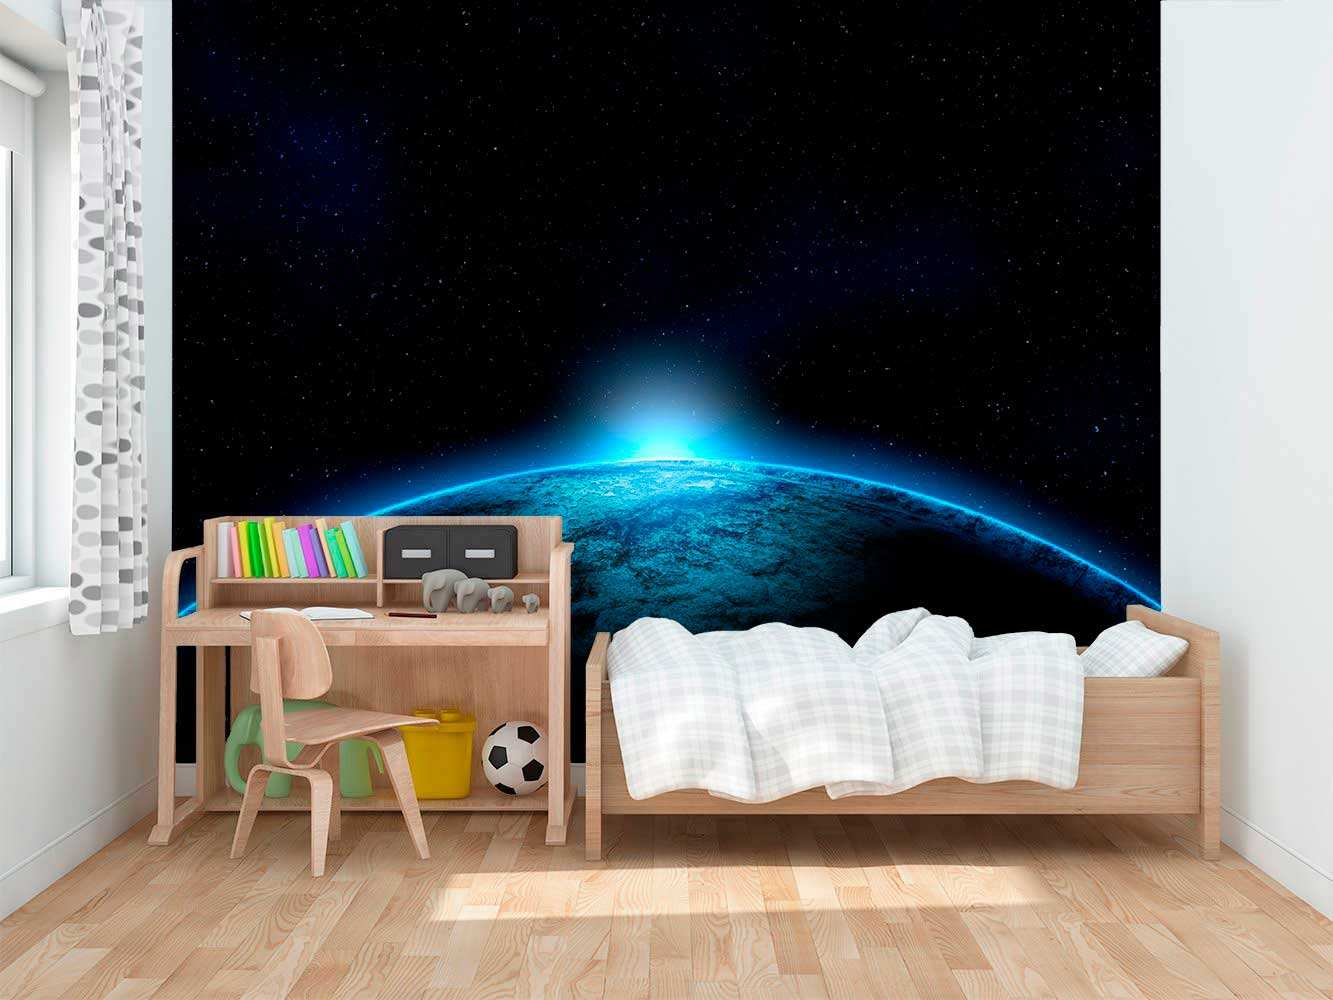 Fotomural Papel Pintado Planeta Espacial | Carteles XXL - Impresión carteleria publicitaria